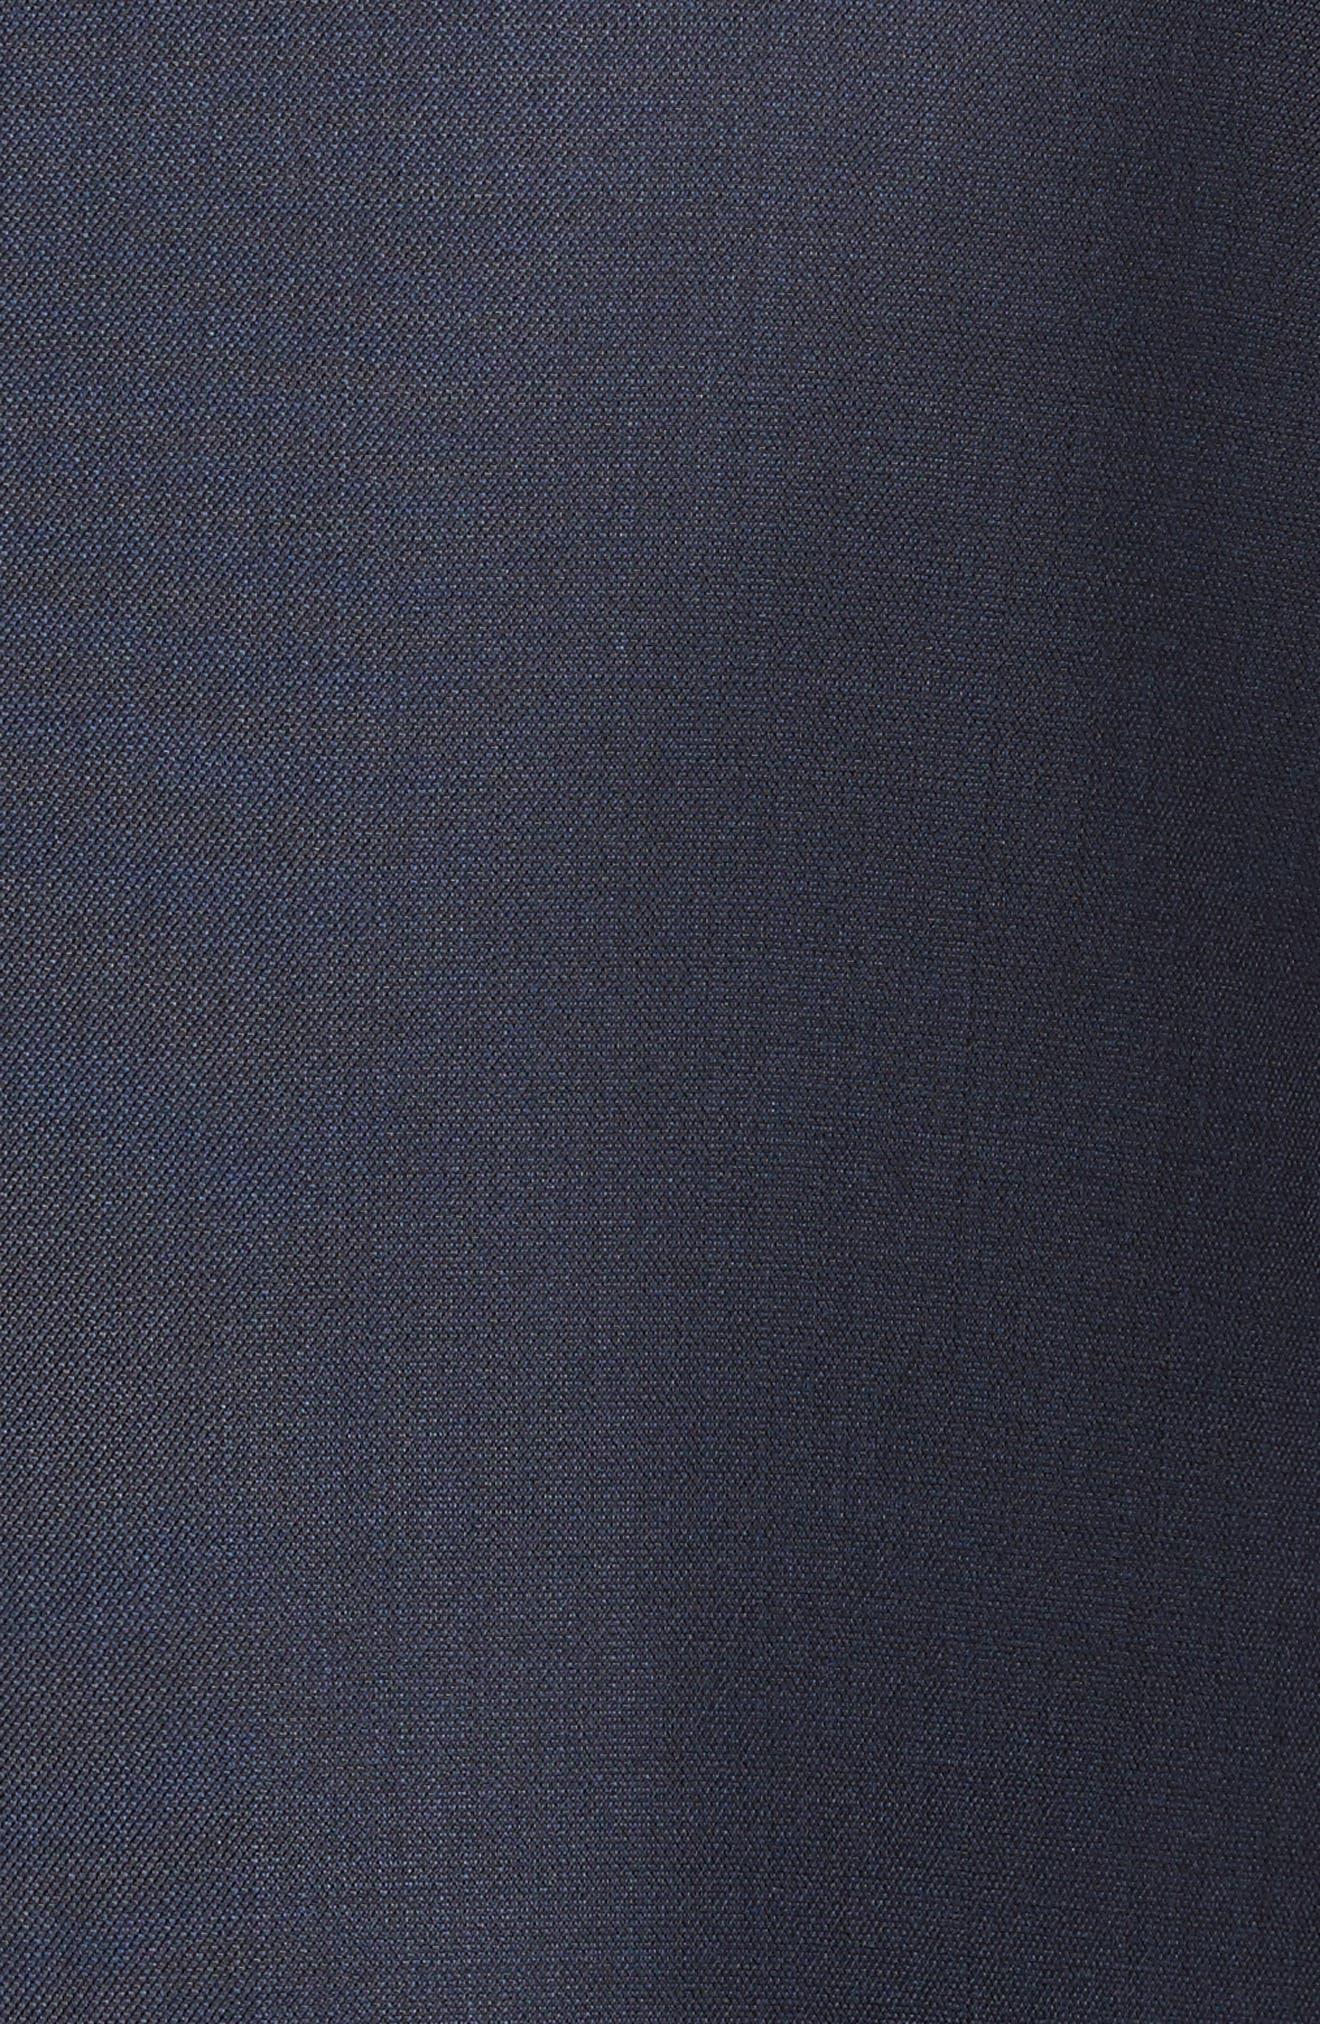 Jones Trim Fit Solid Wool Suit,                             Alternate thumbnail 7, color,                             BLUE